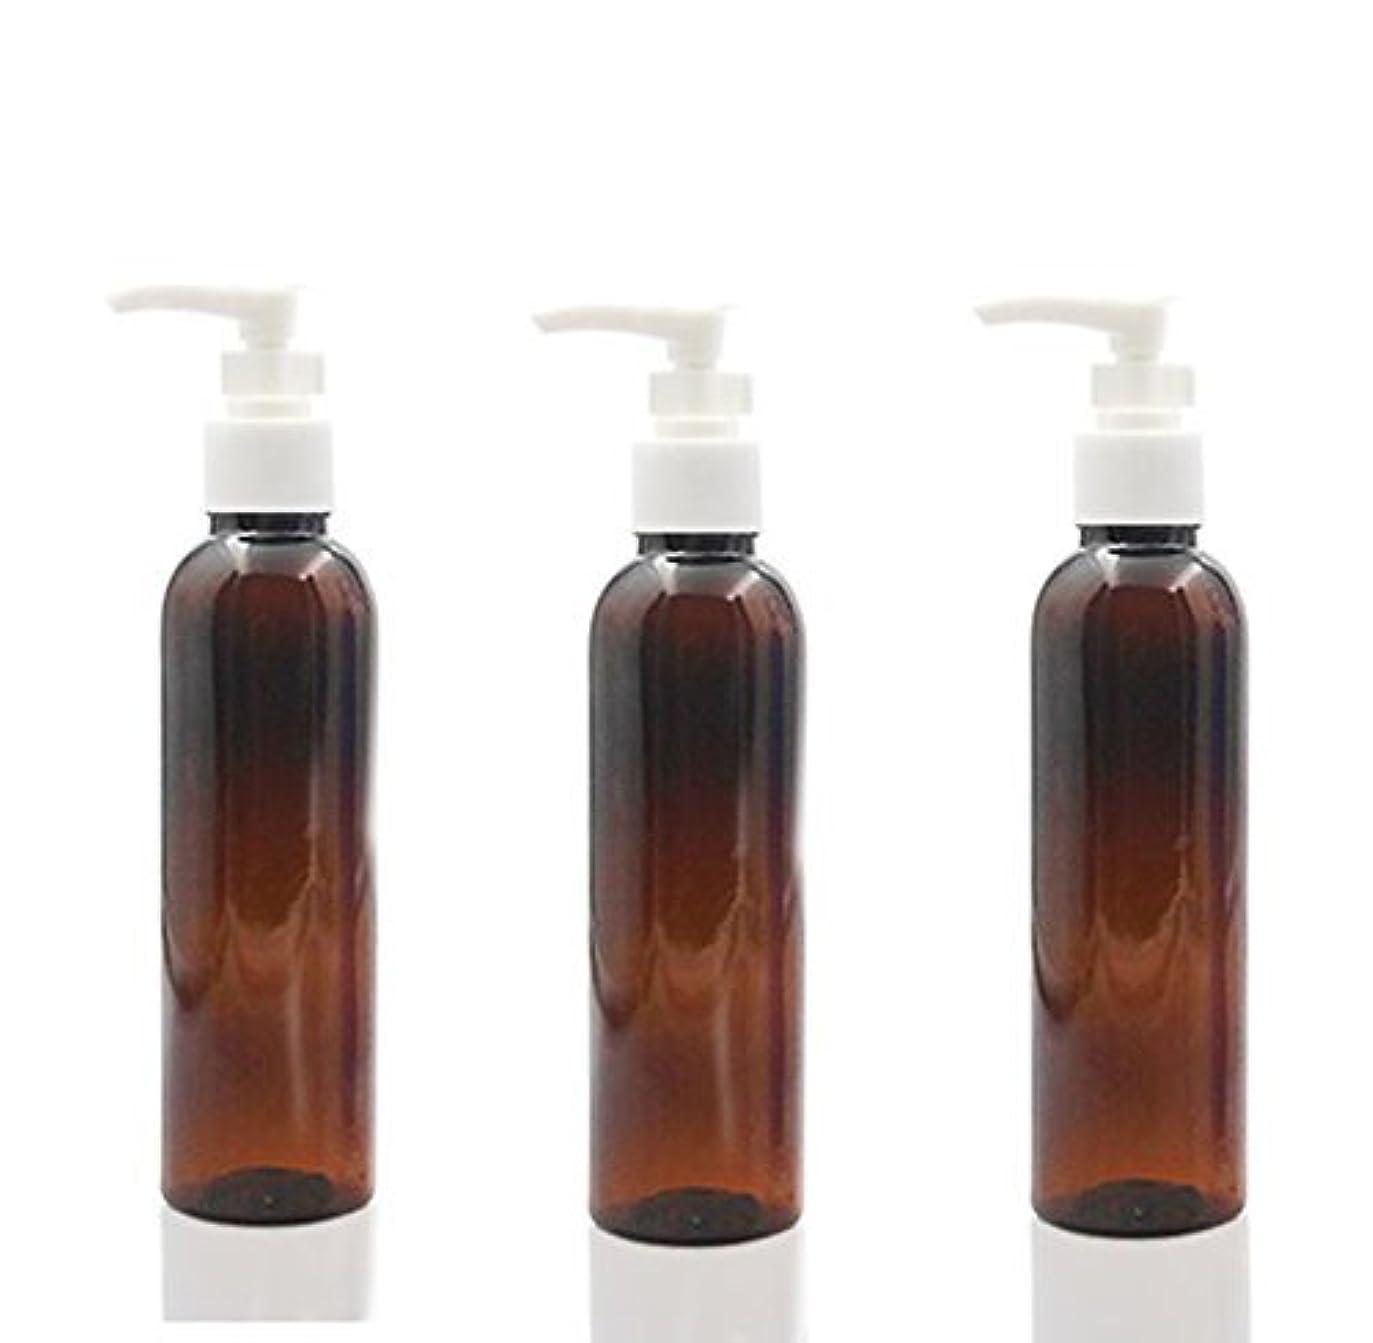 電話鹿ささやき3PCS 150ml Plastic Round Pump Bottles for Cooking Sauces Essential Oils Lotions Liquid Soaps or Organic Beauty...